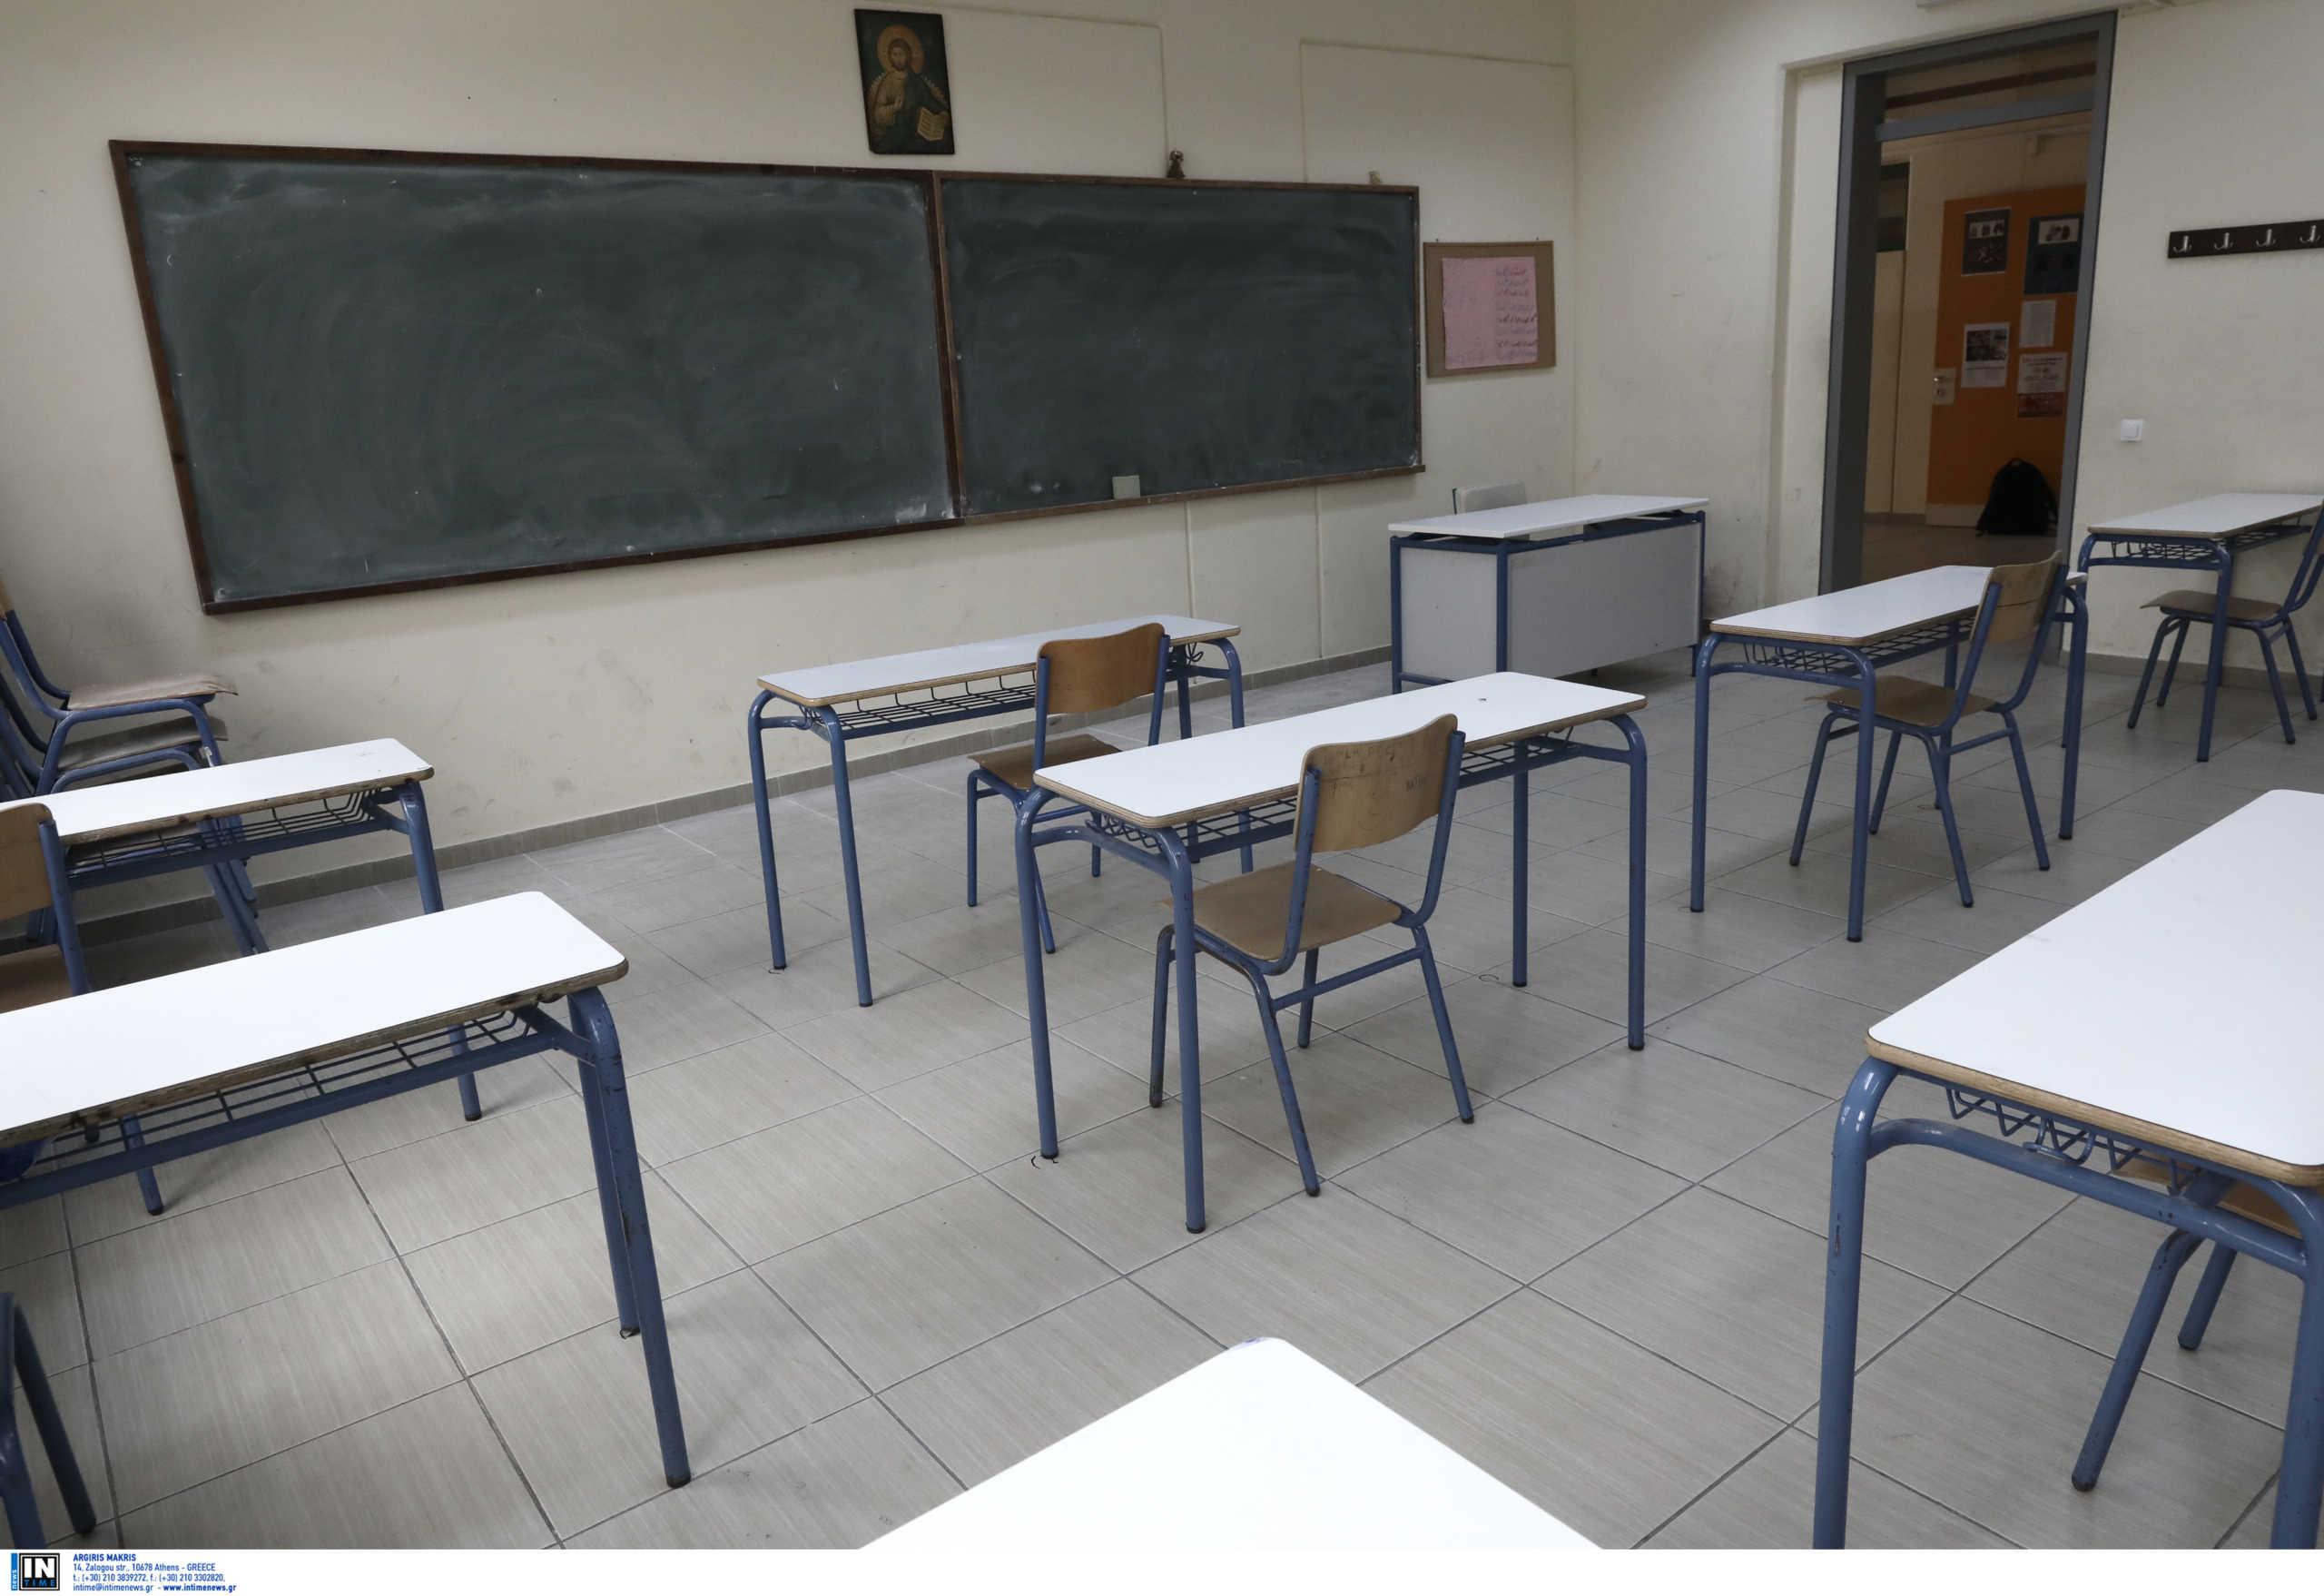 Καθηγήτρια αποπλάνησε 13χρονο μαθητή της – Οι συναντήσεις σε ξενοδοχείο και το σχέδιο να το σκάσουν